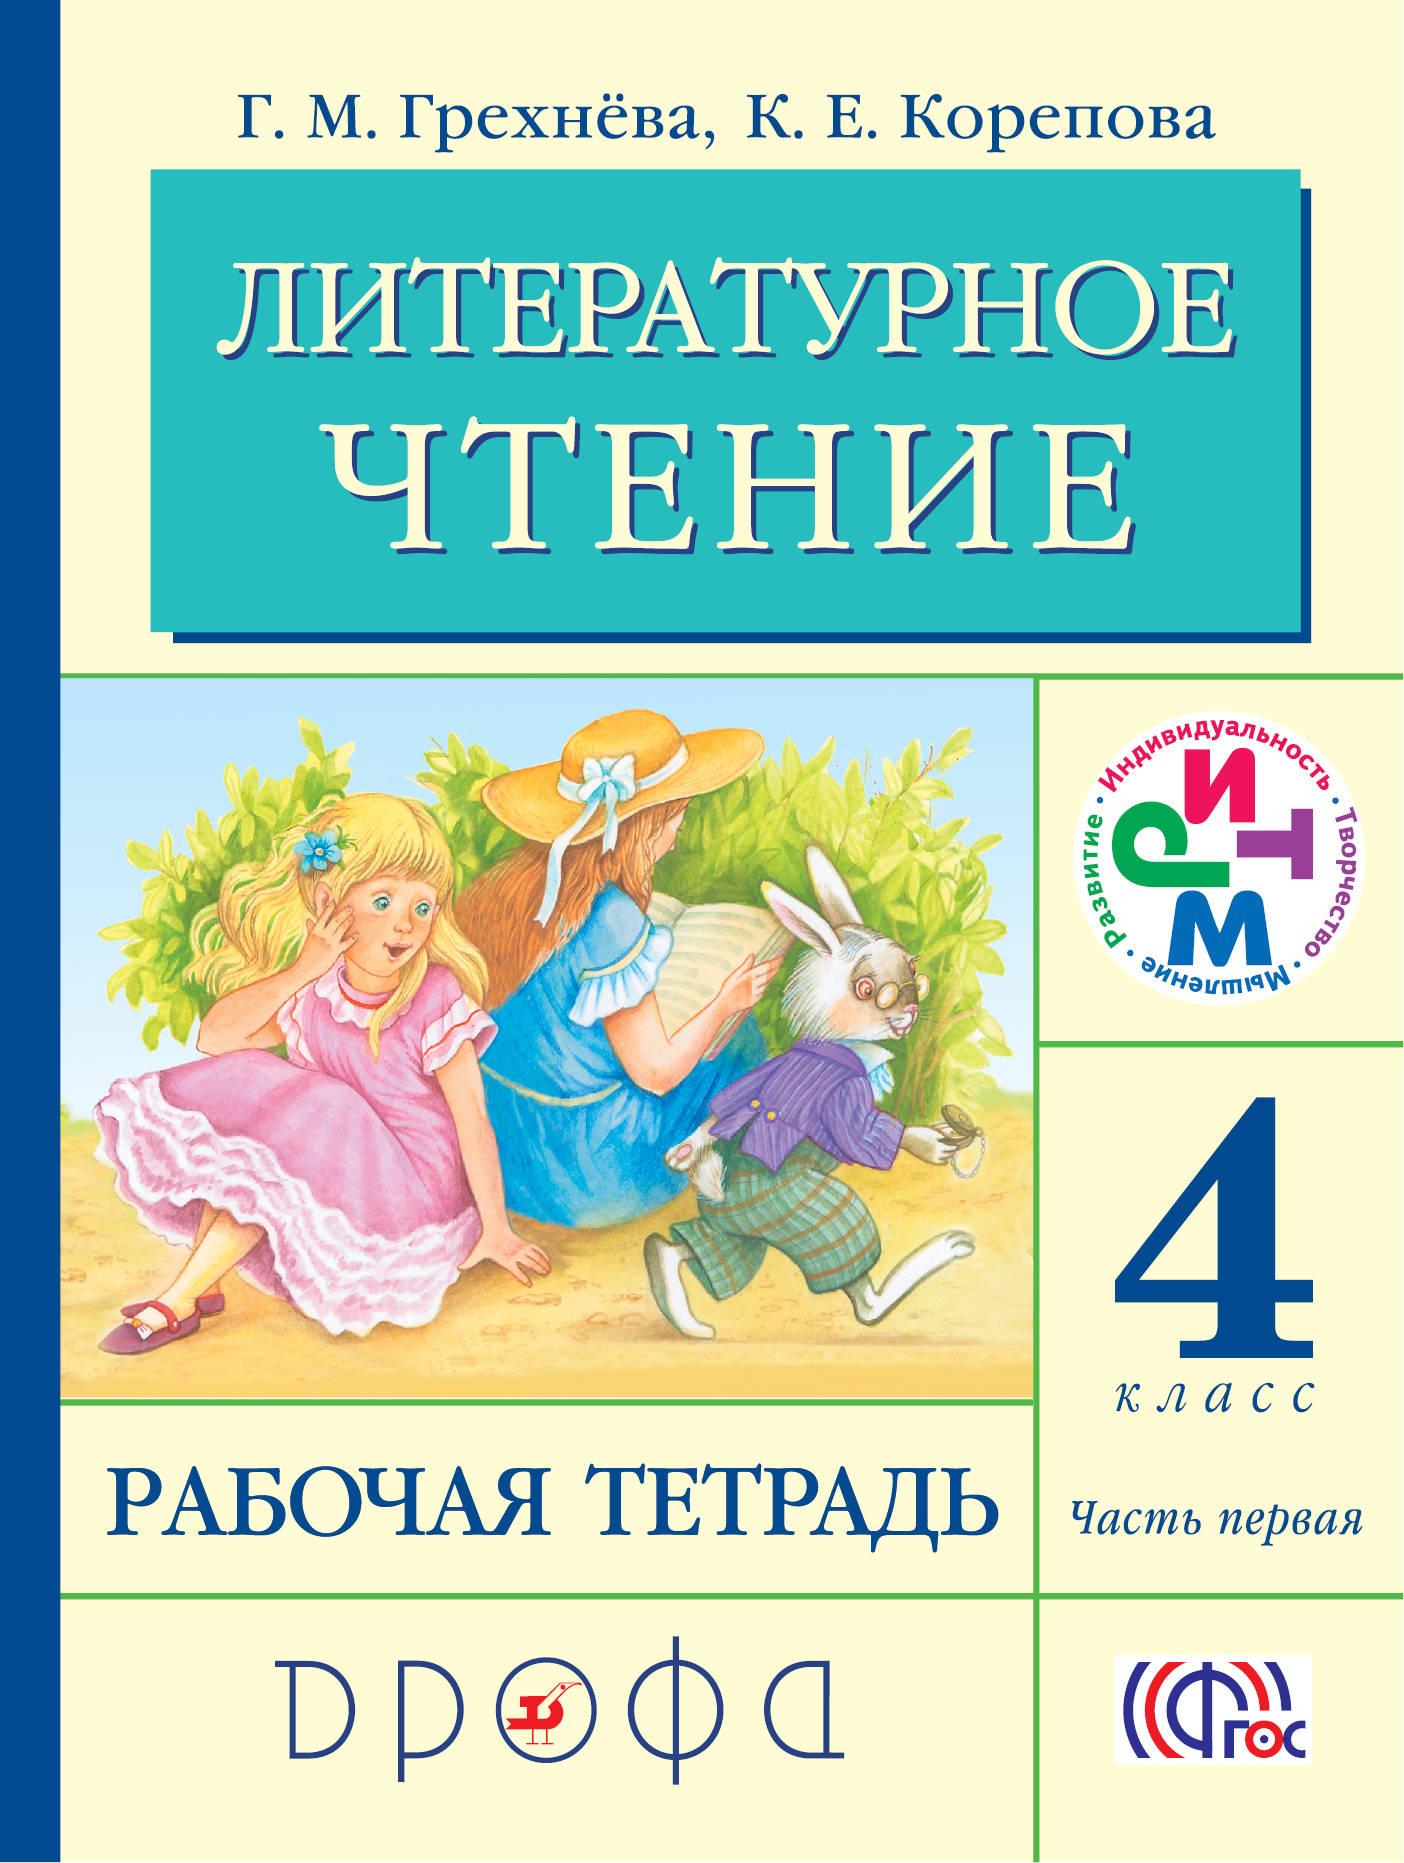 Г. М. Грехнева, К. Е. Корепова Литературное чтение. 4 класс. Рабочая тетрадь. В 2 частях. Часть 1 все цены